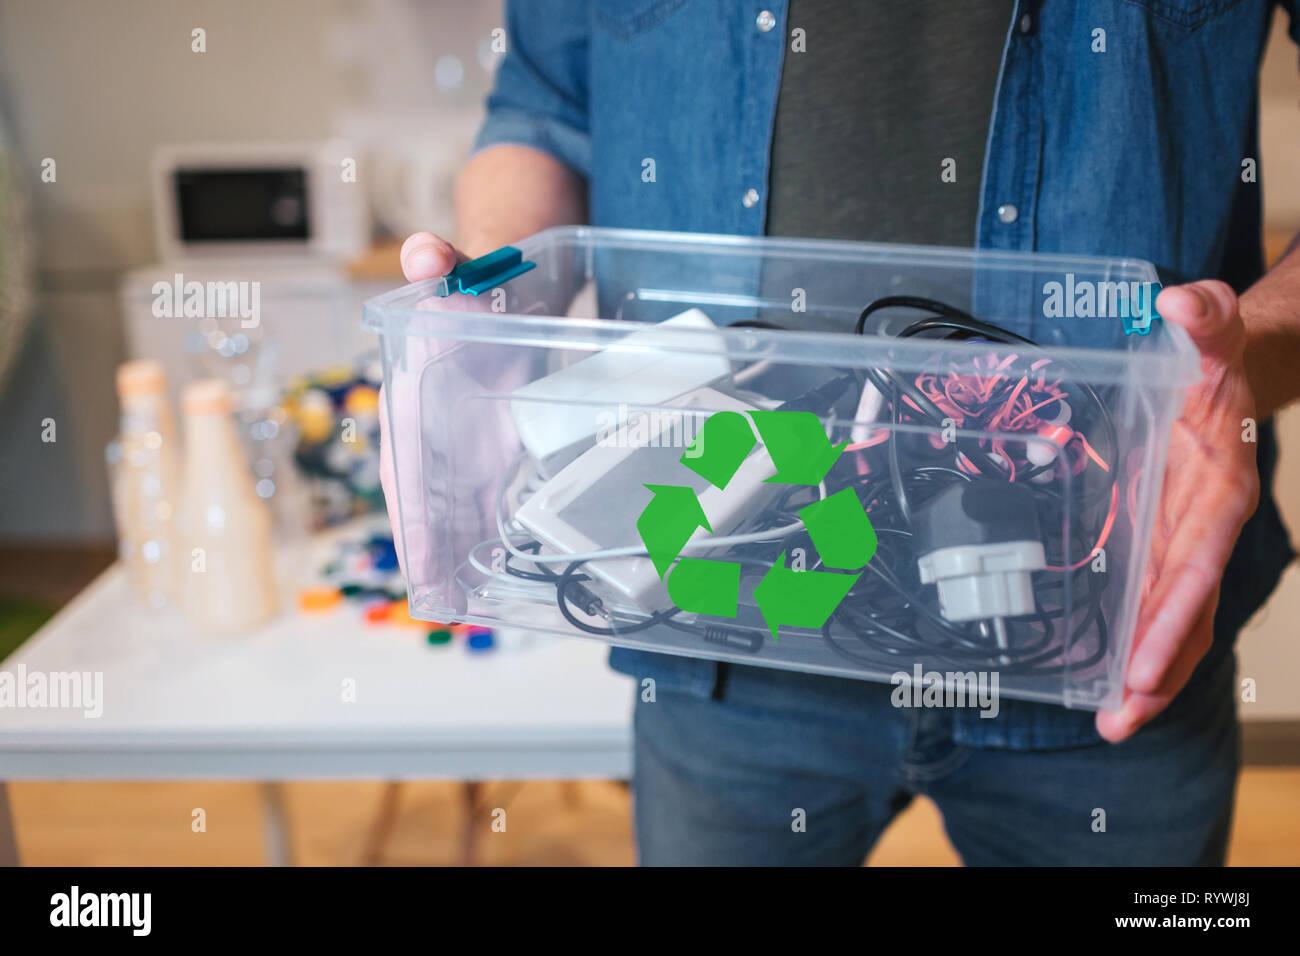 Concetto di riciclaggio. Un rifiuti elettronici nel riciclo contaner close-up. L'uomo responsabile è la protezione dell'ambiente, mentre la cernita dei rifiuti a casa Immagini Stock